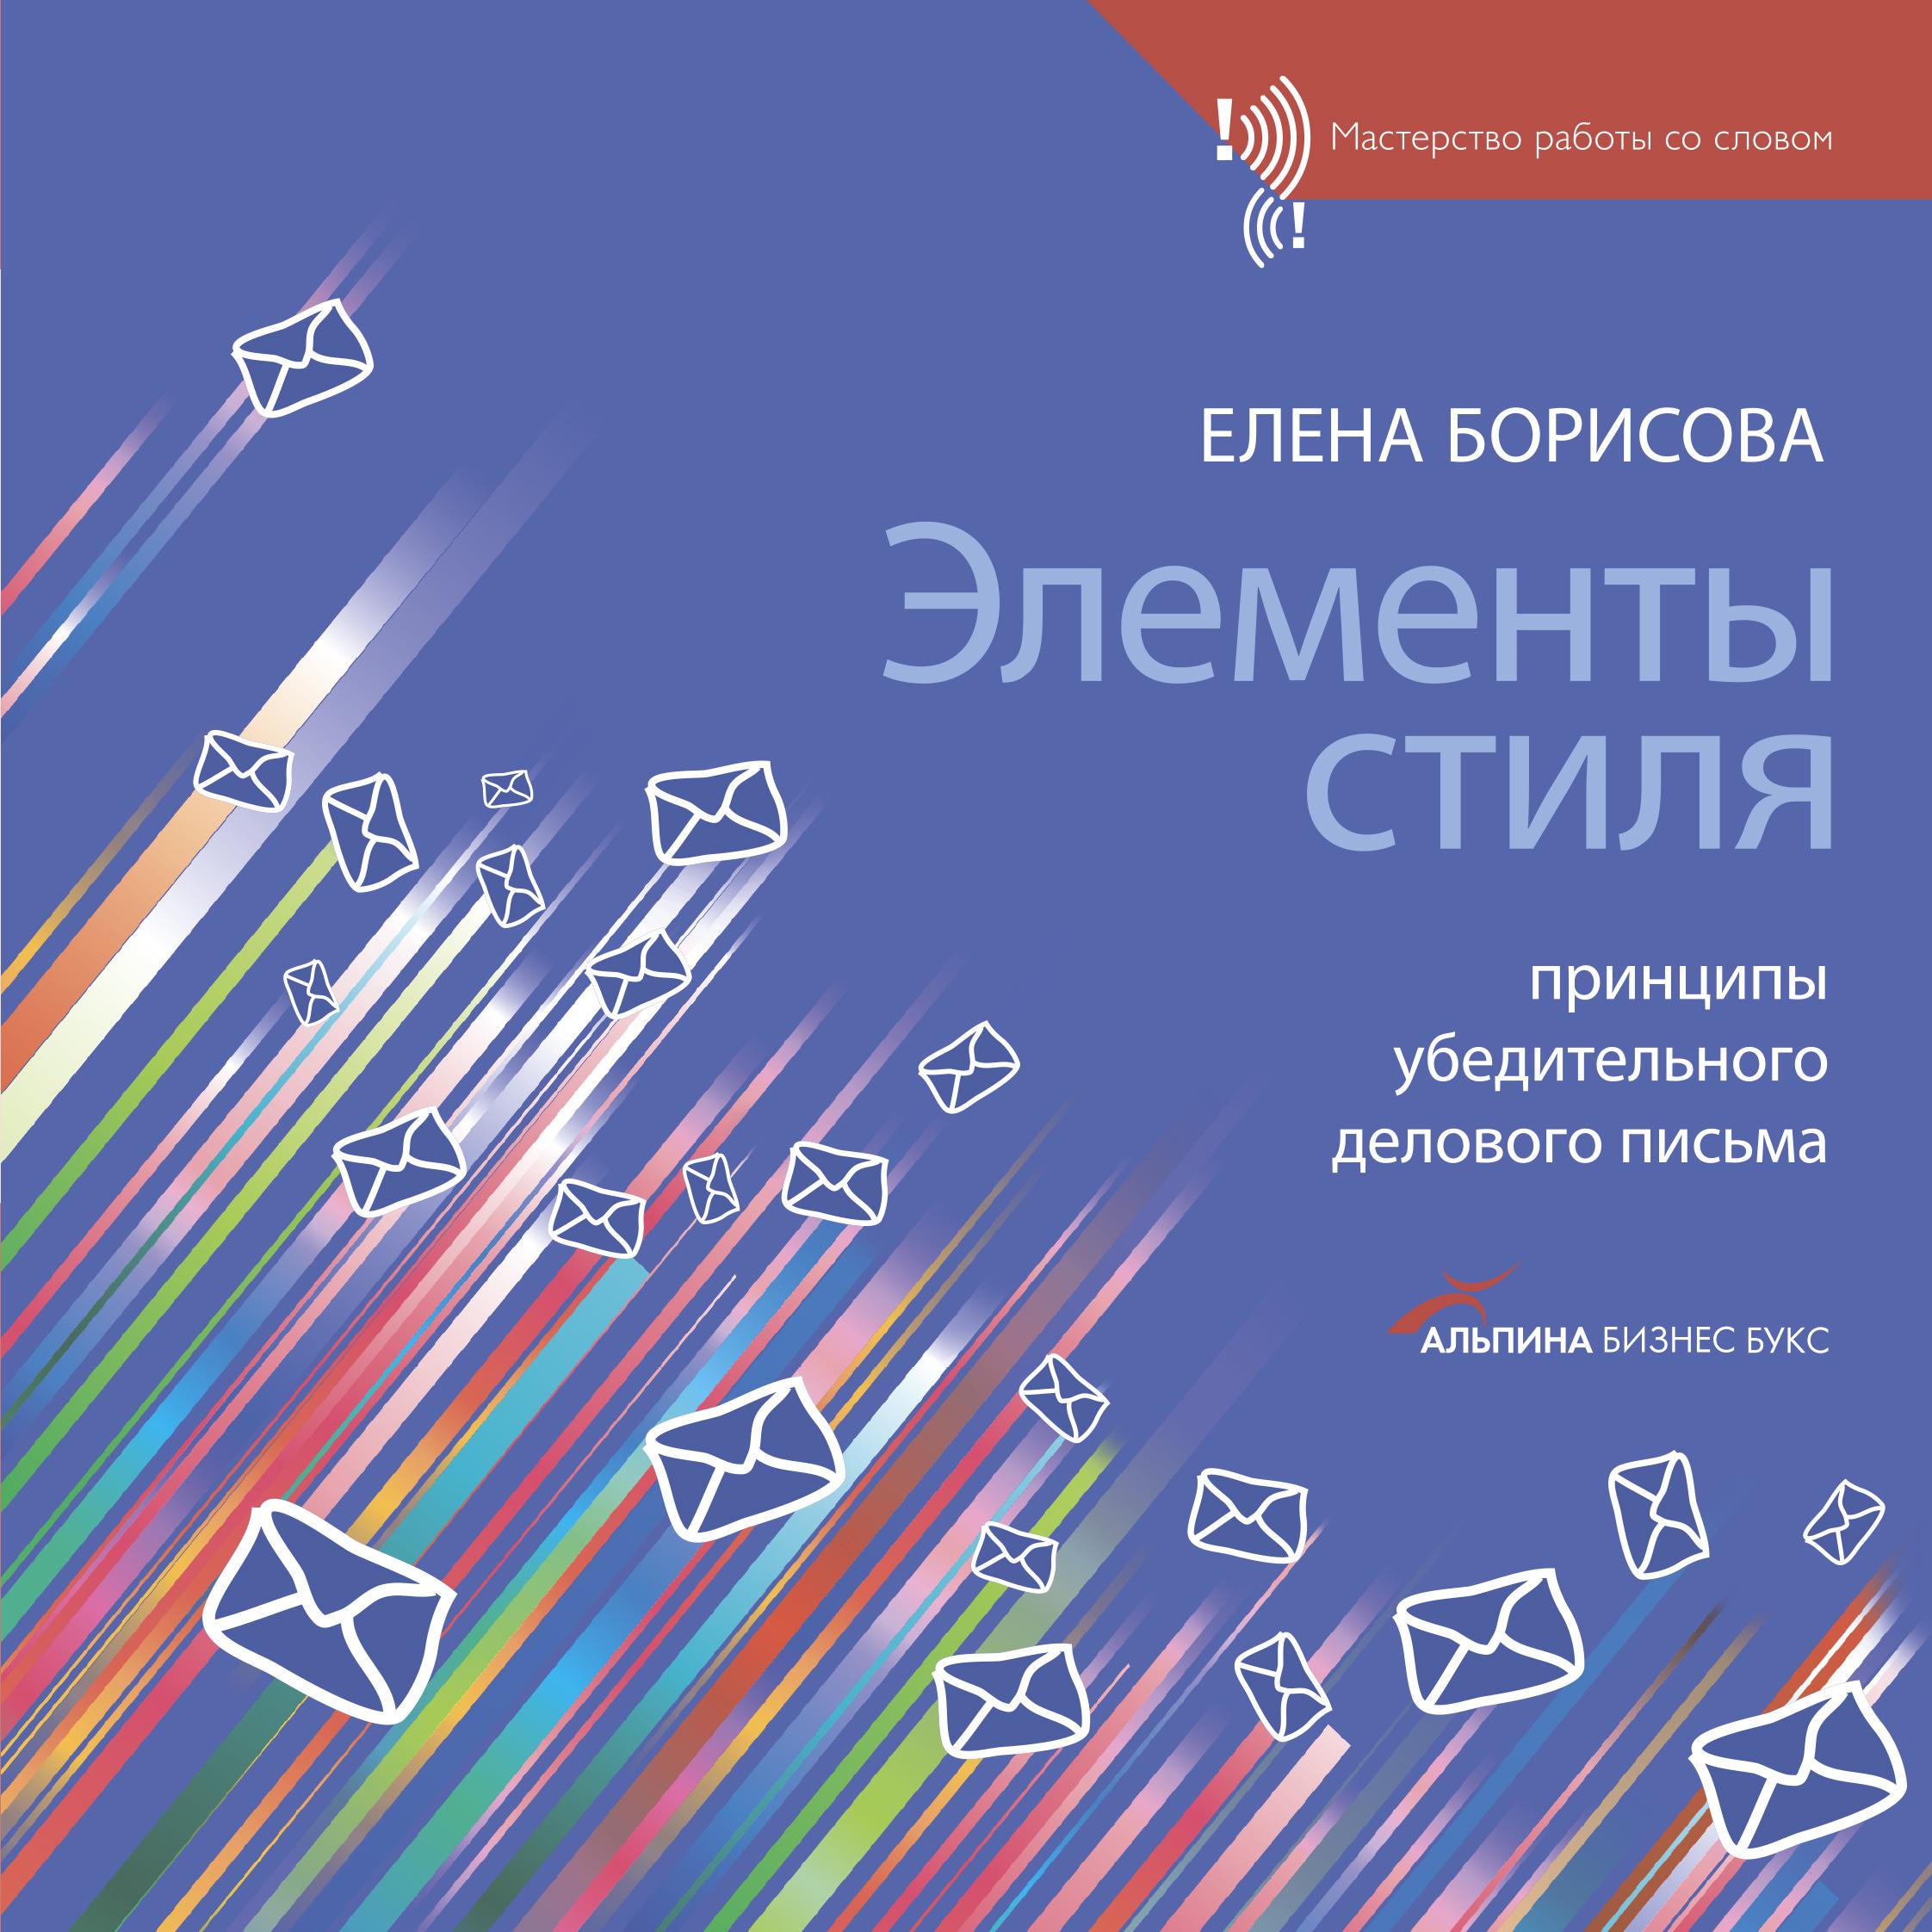 Обложка книги. Автор - Елена Борисова